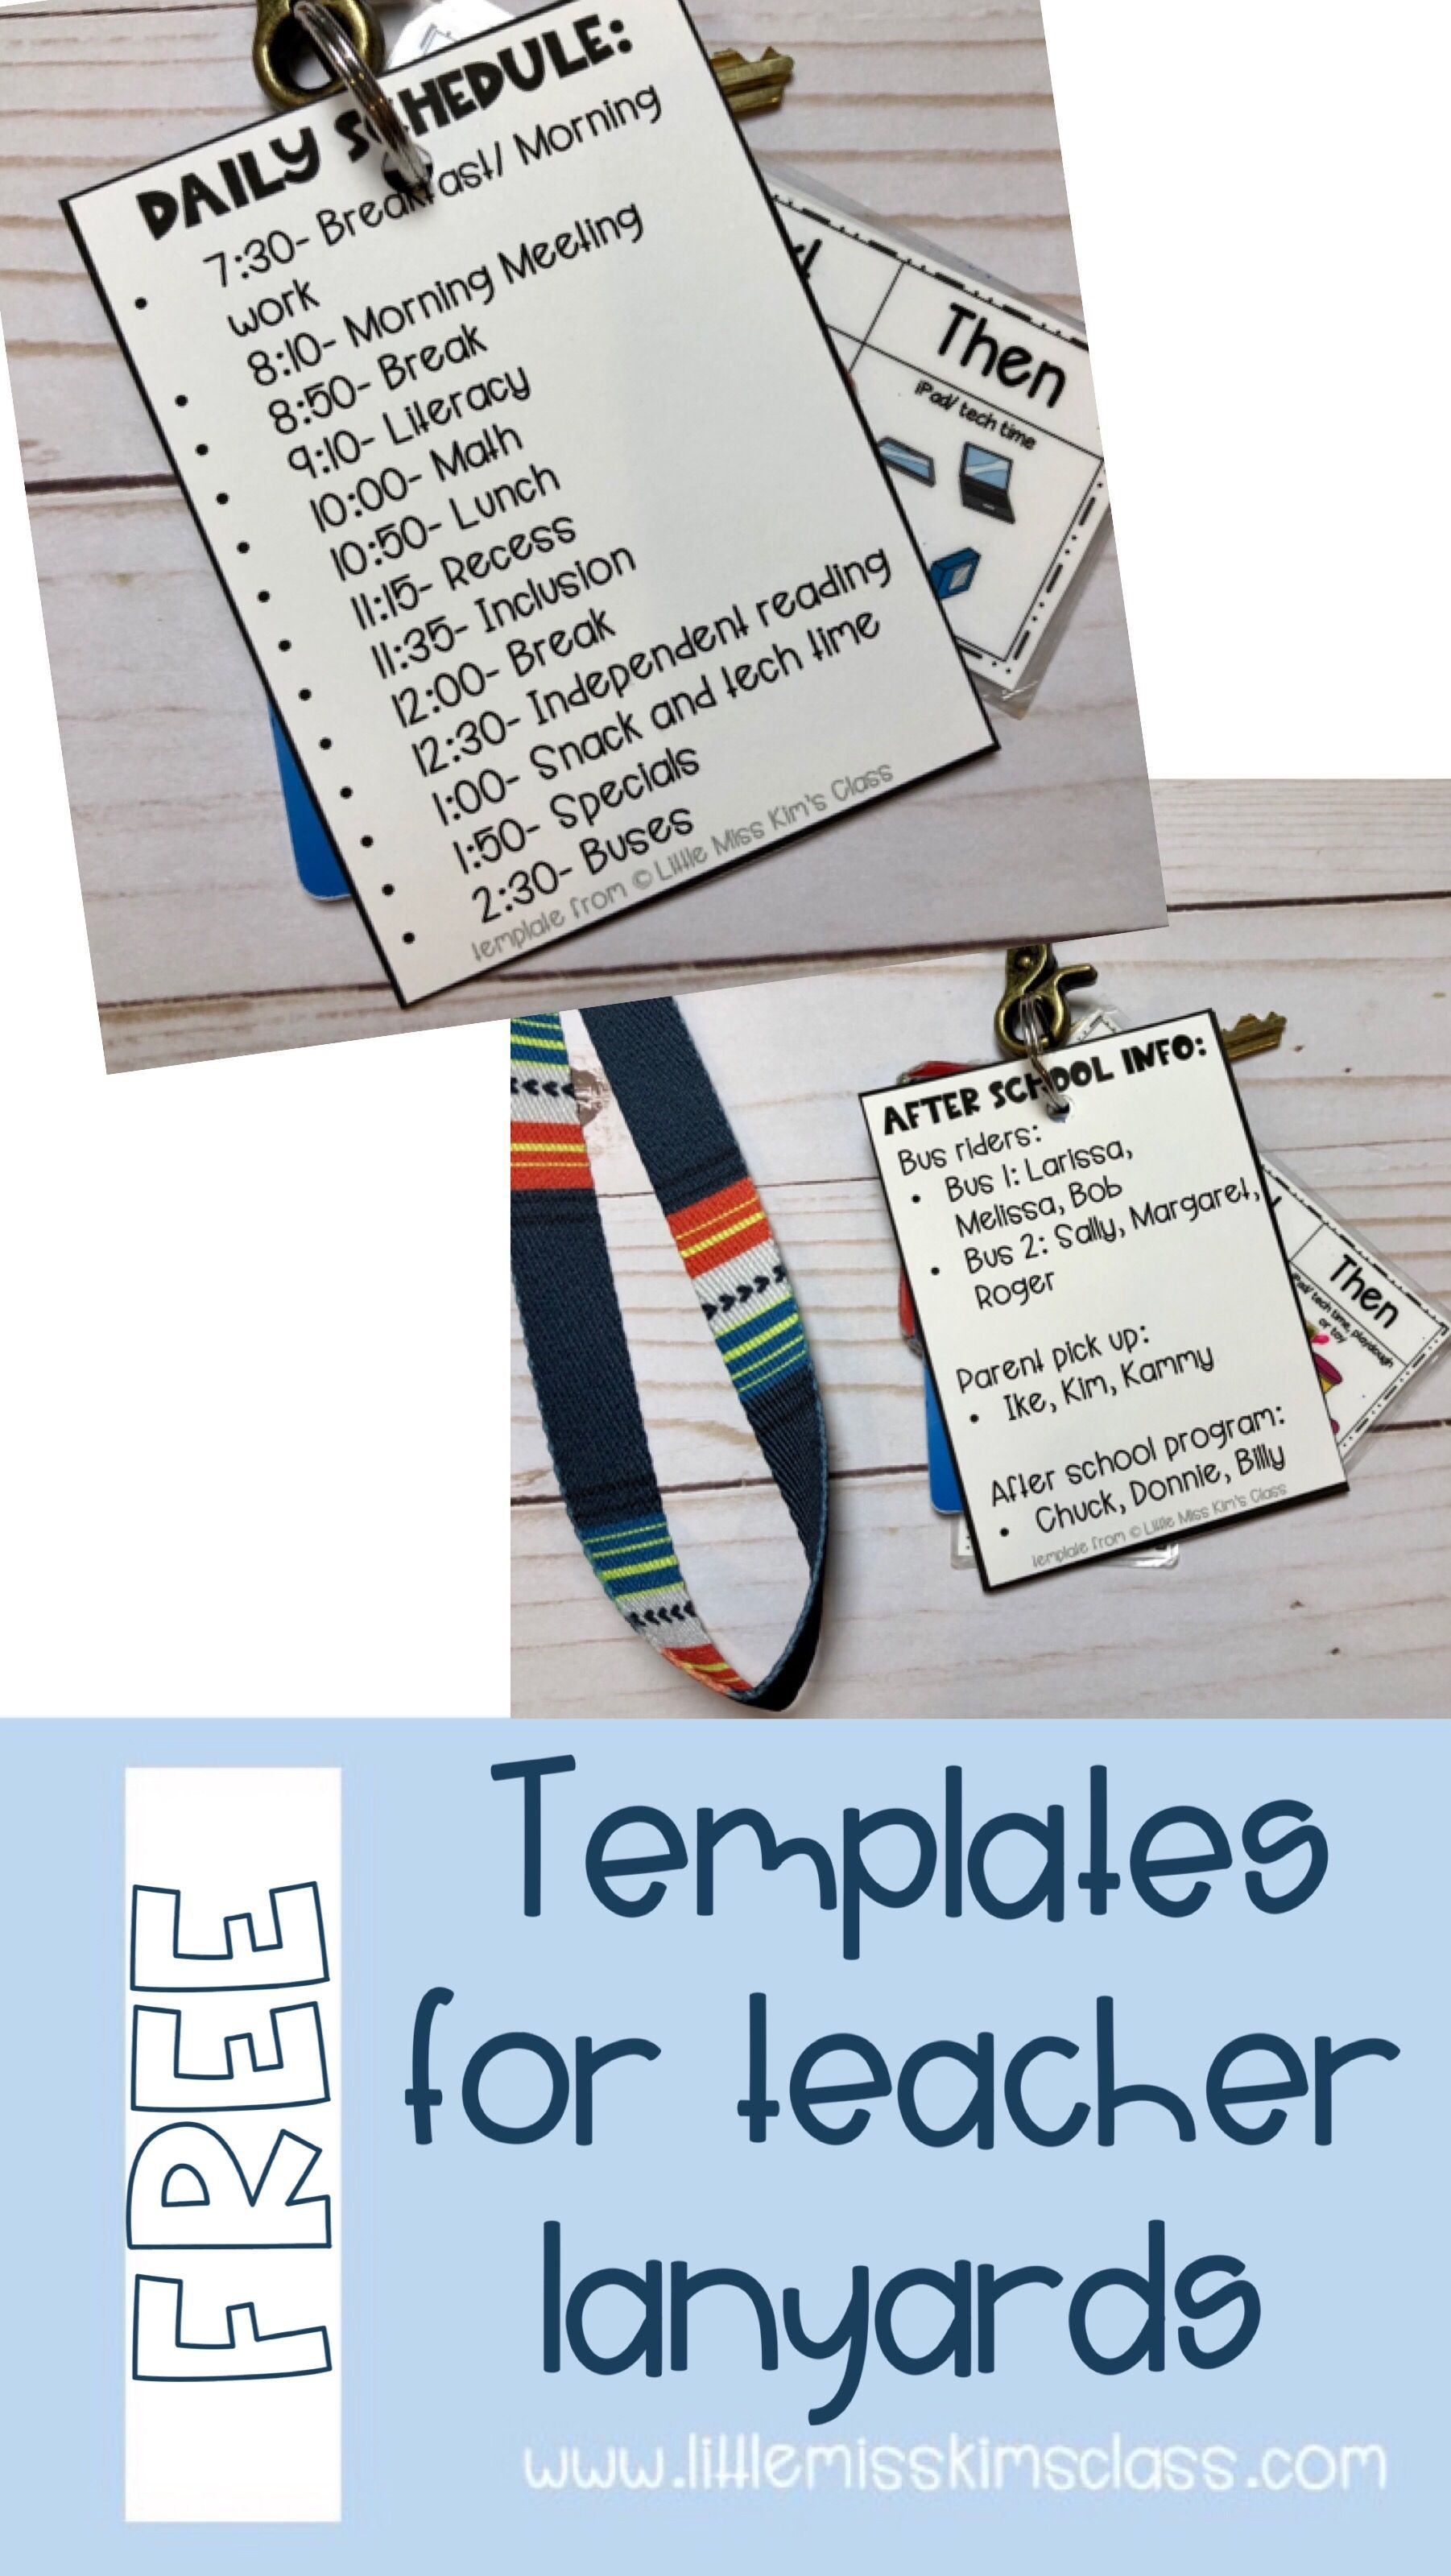 Free Template For Making A Teacher Lanyard For After School Dismissal And Schedule Teacher Lanyard Teacher Classroom Teacher Forms